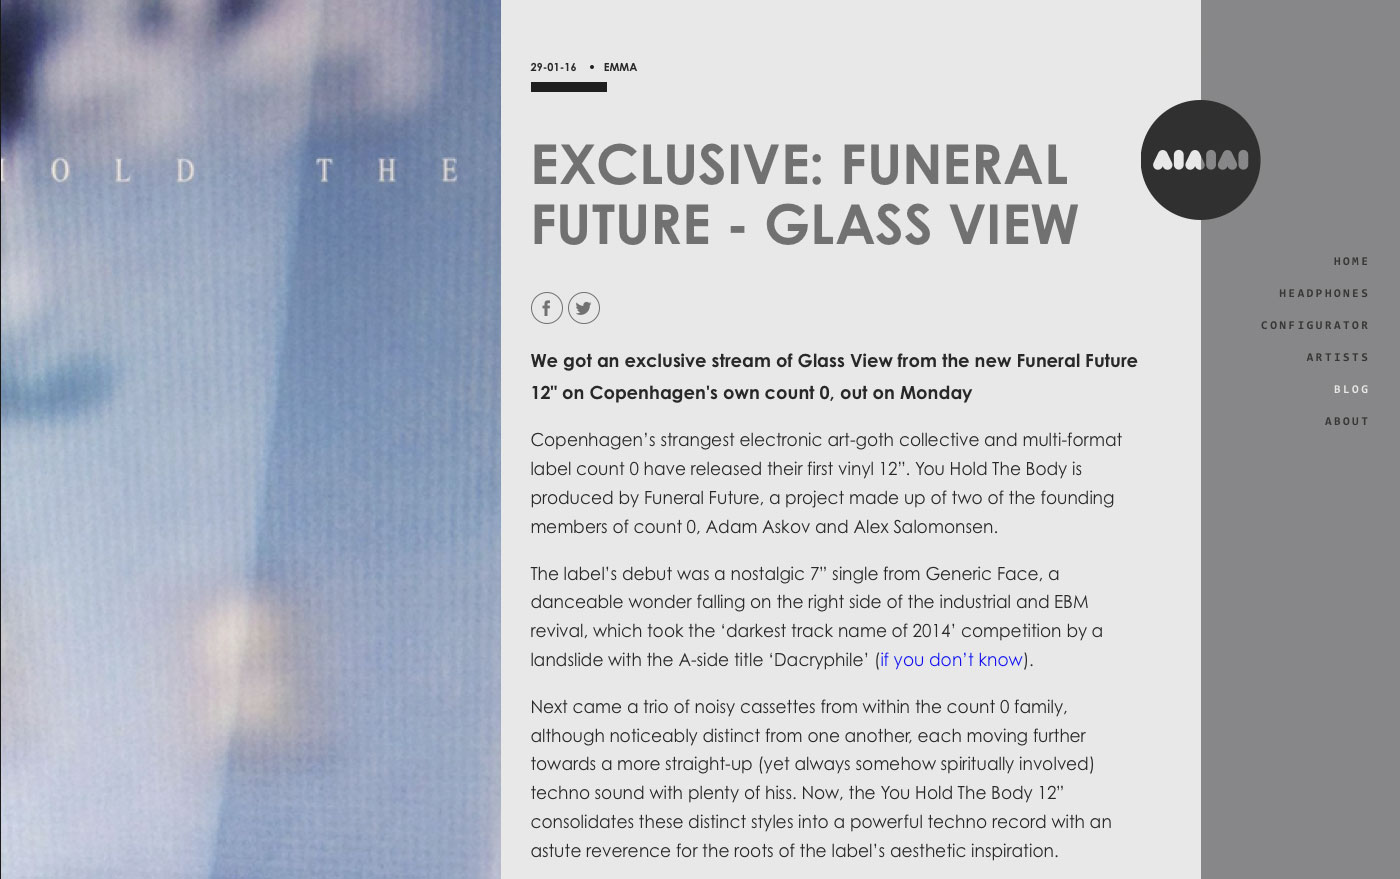 FuneralFuture_aiaiai